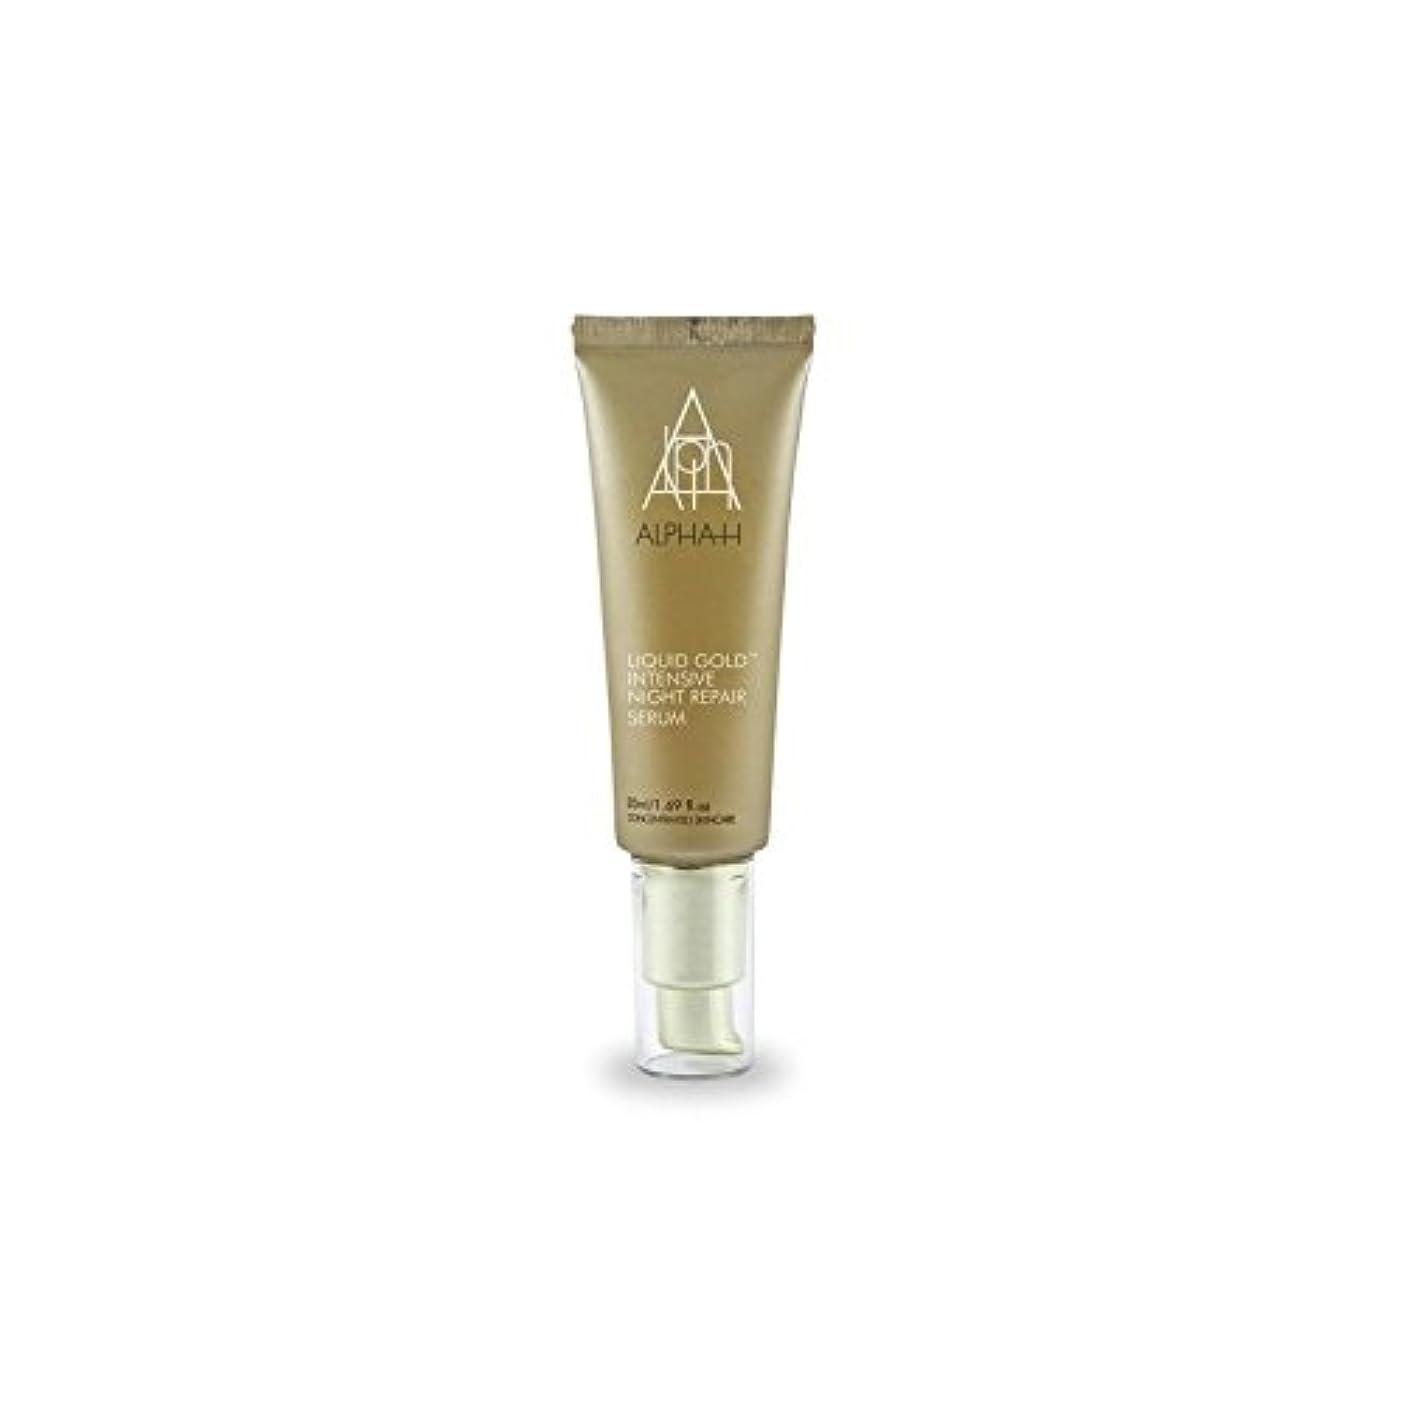 ラップ複雑な消すアルファ時間の液体の金の集中夜の修理血清(50ミリリットル) x4 - Alpha-H Liquid Gold Intensive Night Repair Serum (50ml) (Pack of 4) [並行輸入品]